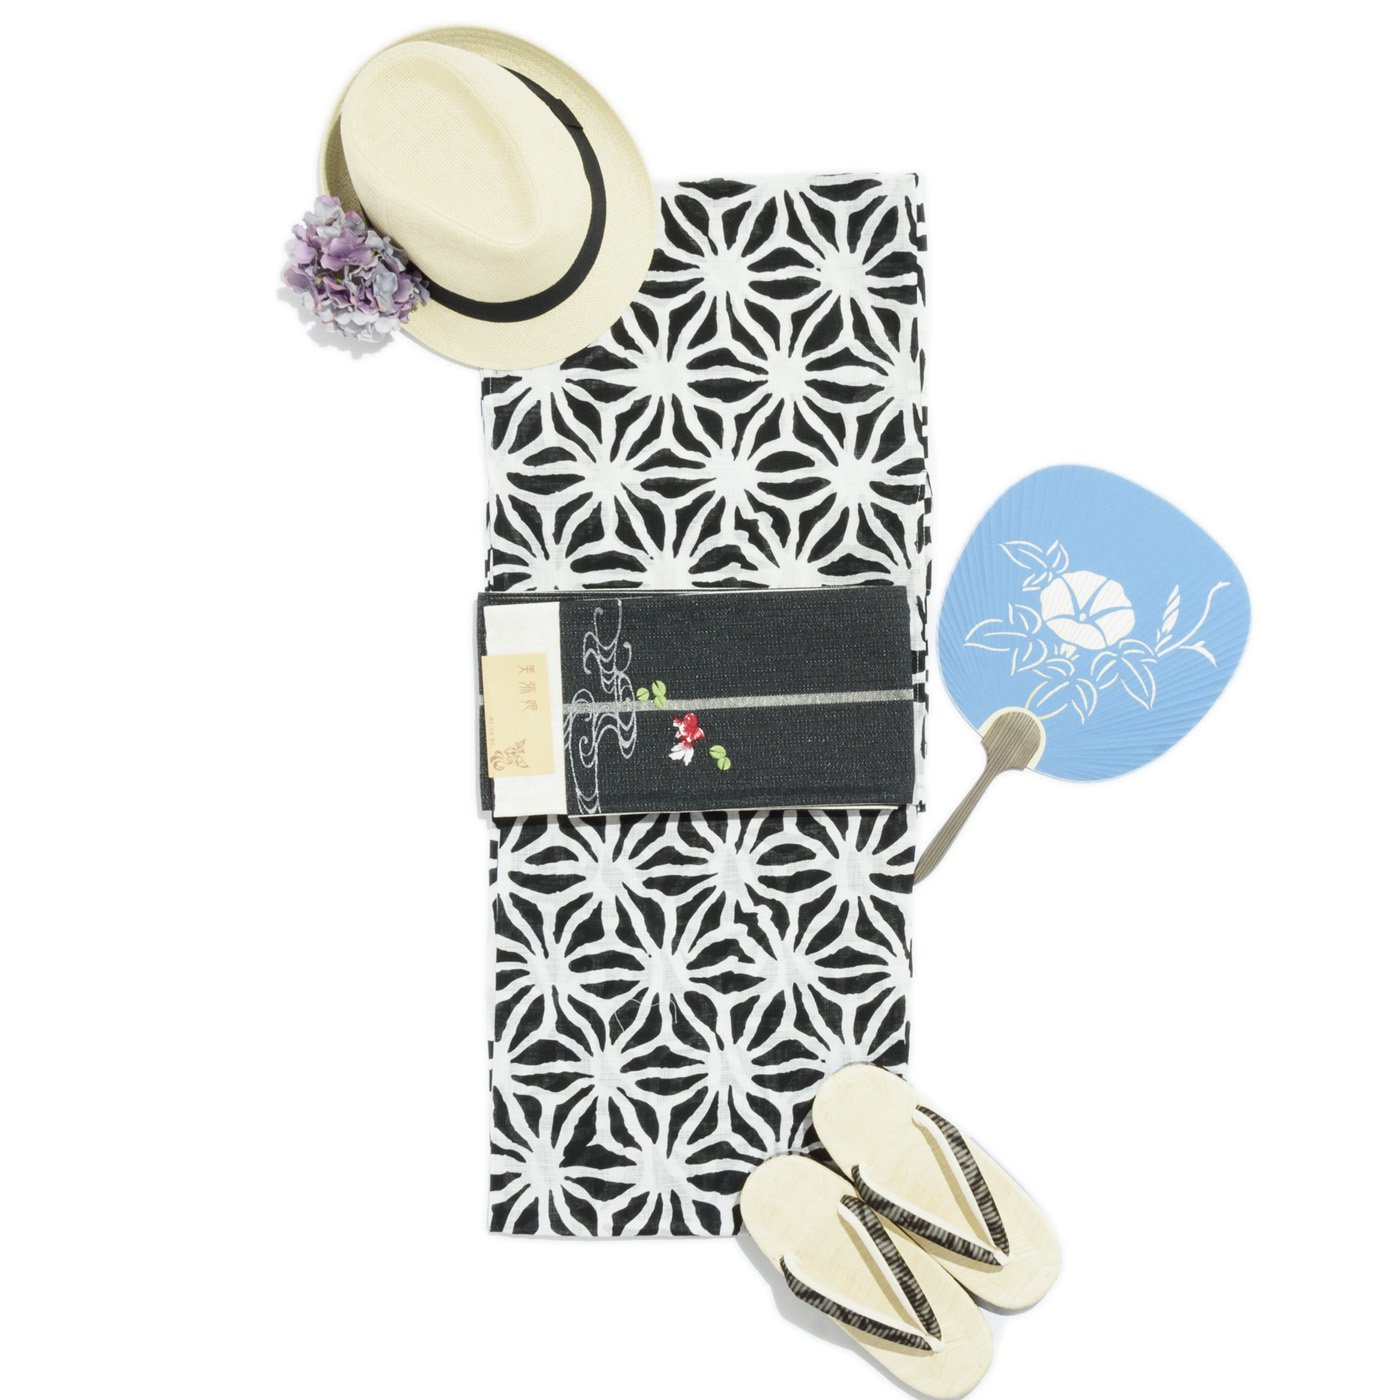 「新品浴衣 変わり麻の葉」の商品画像